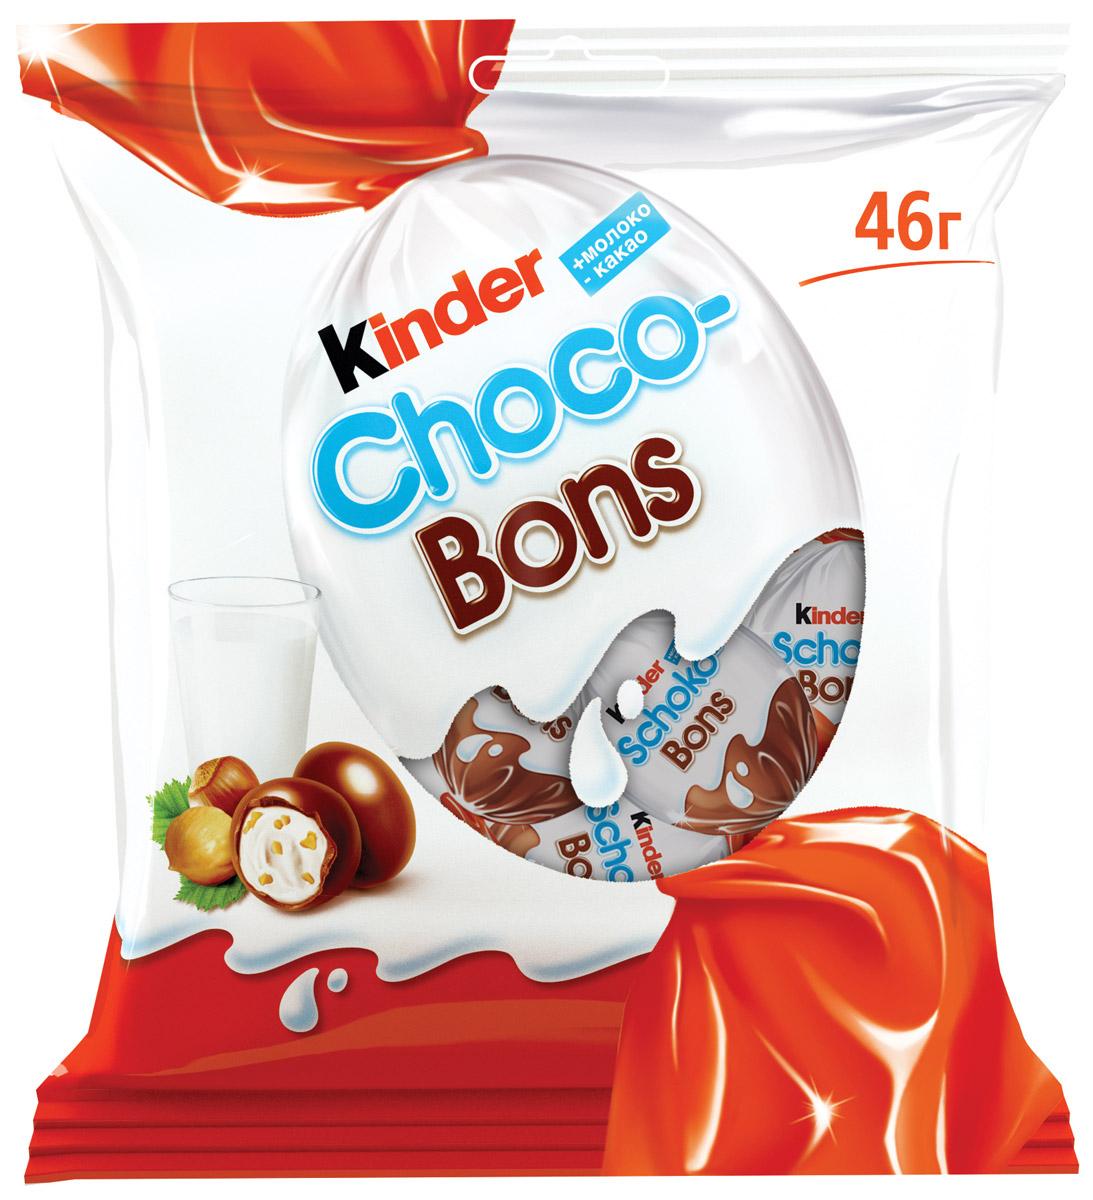 Kinder Choco Bons конфеты из молочного шоколада с молочно-ореховой начинкой, 46 г0120710Нежная молочная начинка, кусочки лесных орехов и неповторимый вкус шоколада. Kinder Choco-Bons производится на одной из фабрик компании Ферреро в Бельгии, славящейся своими шоколадными традициями. Удобные пакетики разных размеров (46 г и 125 г) подойдут и для скромной, и для большой компании! Конфетки в индивидуальной упаковке удобно брать с собой. Дома, в школе, на прогулке – наслаждайтесь сами, радуйте друзей и близких каждый день!